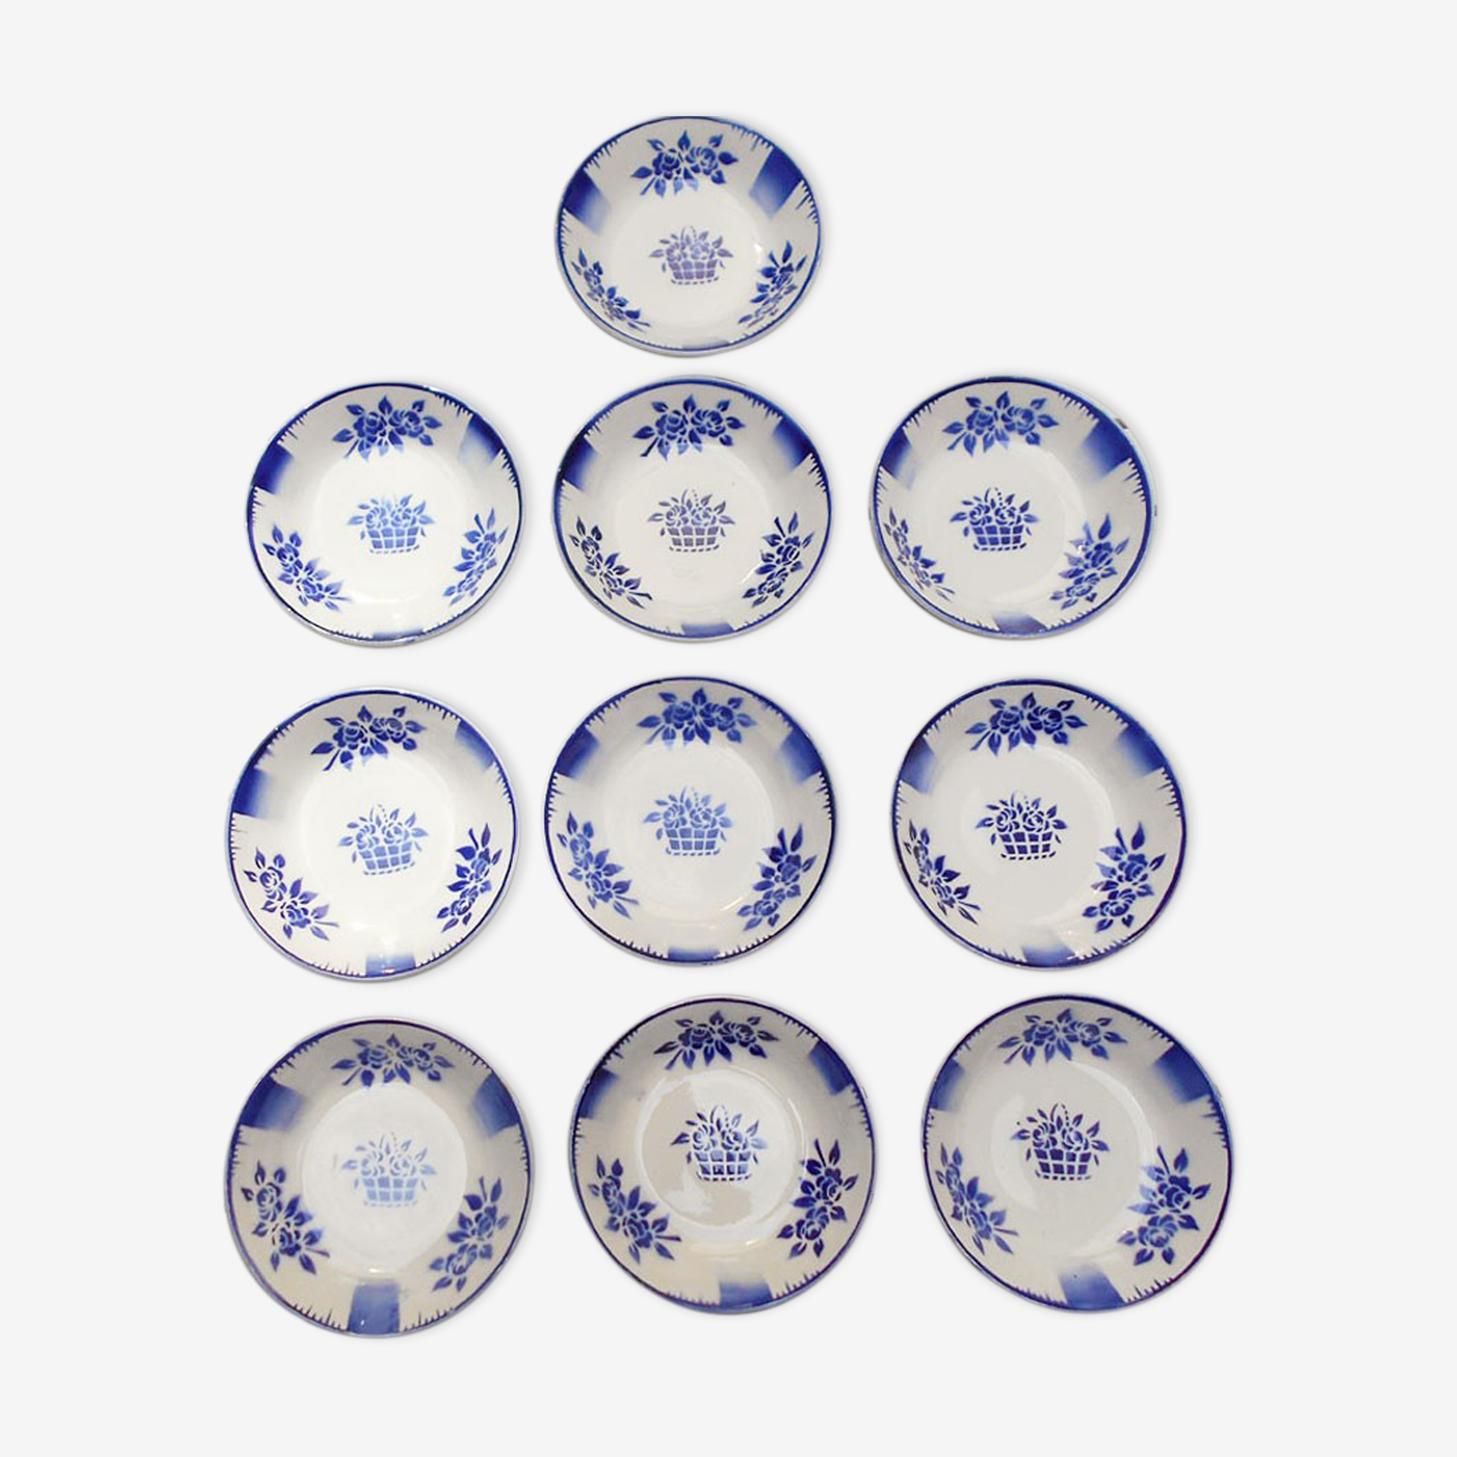 10 assiettes creuses Niderviller collection Paris vers 1930